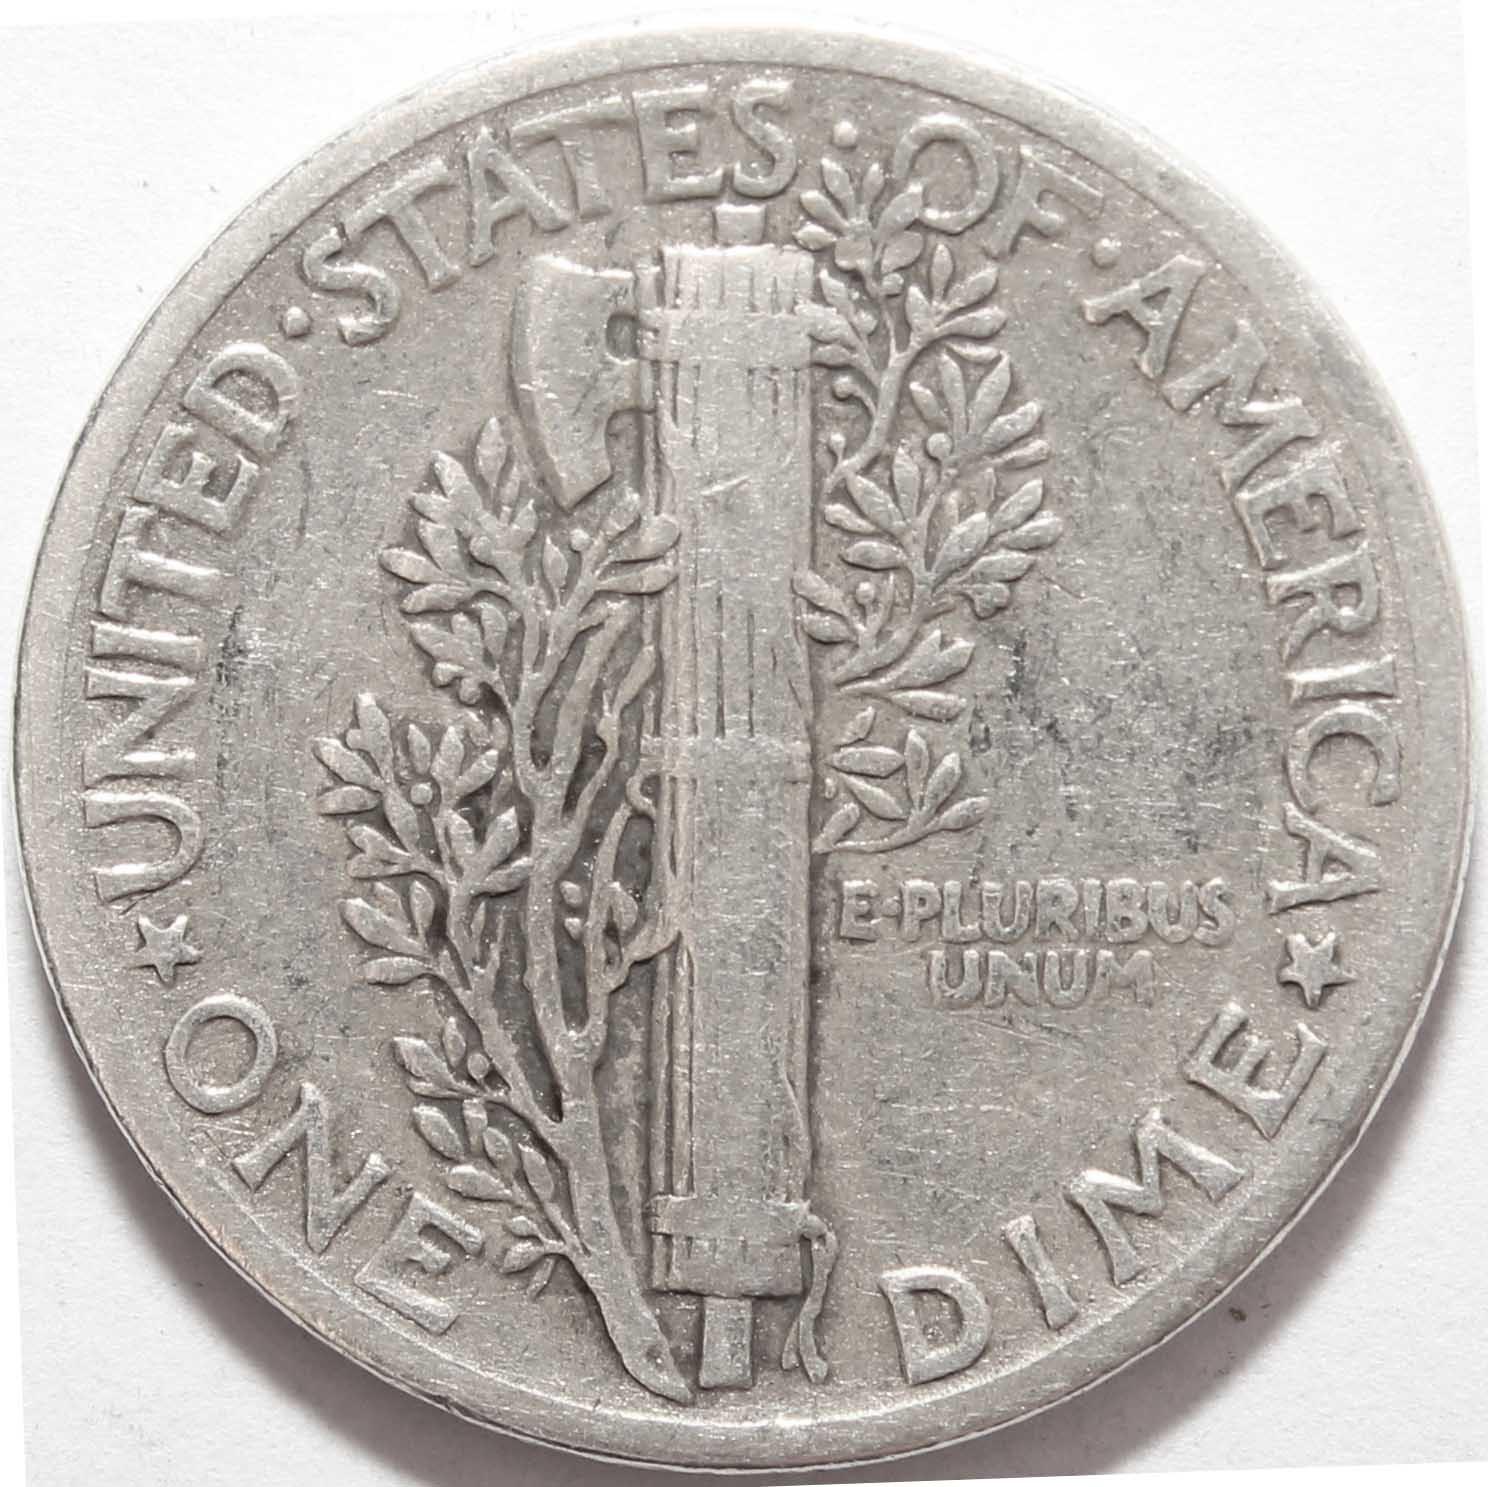 1 дайм (10 центов) 1942. США VF (Меркурий) Серебро